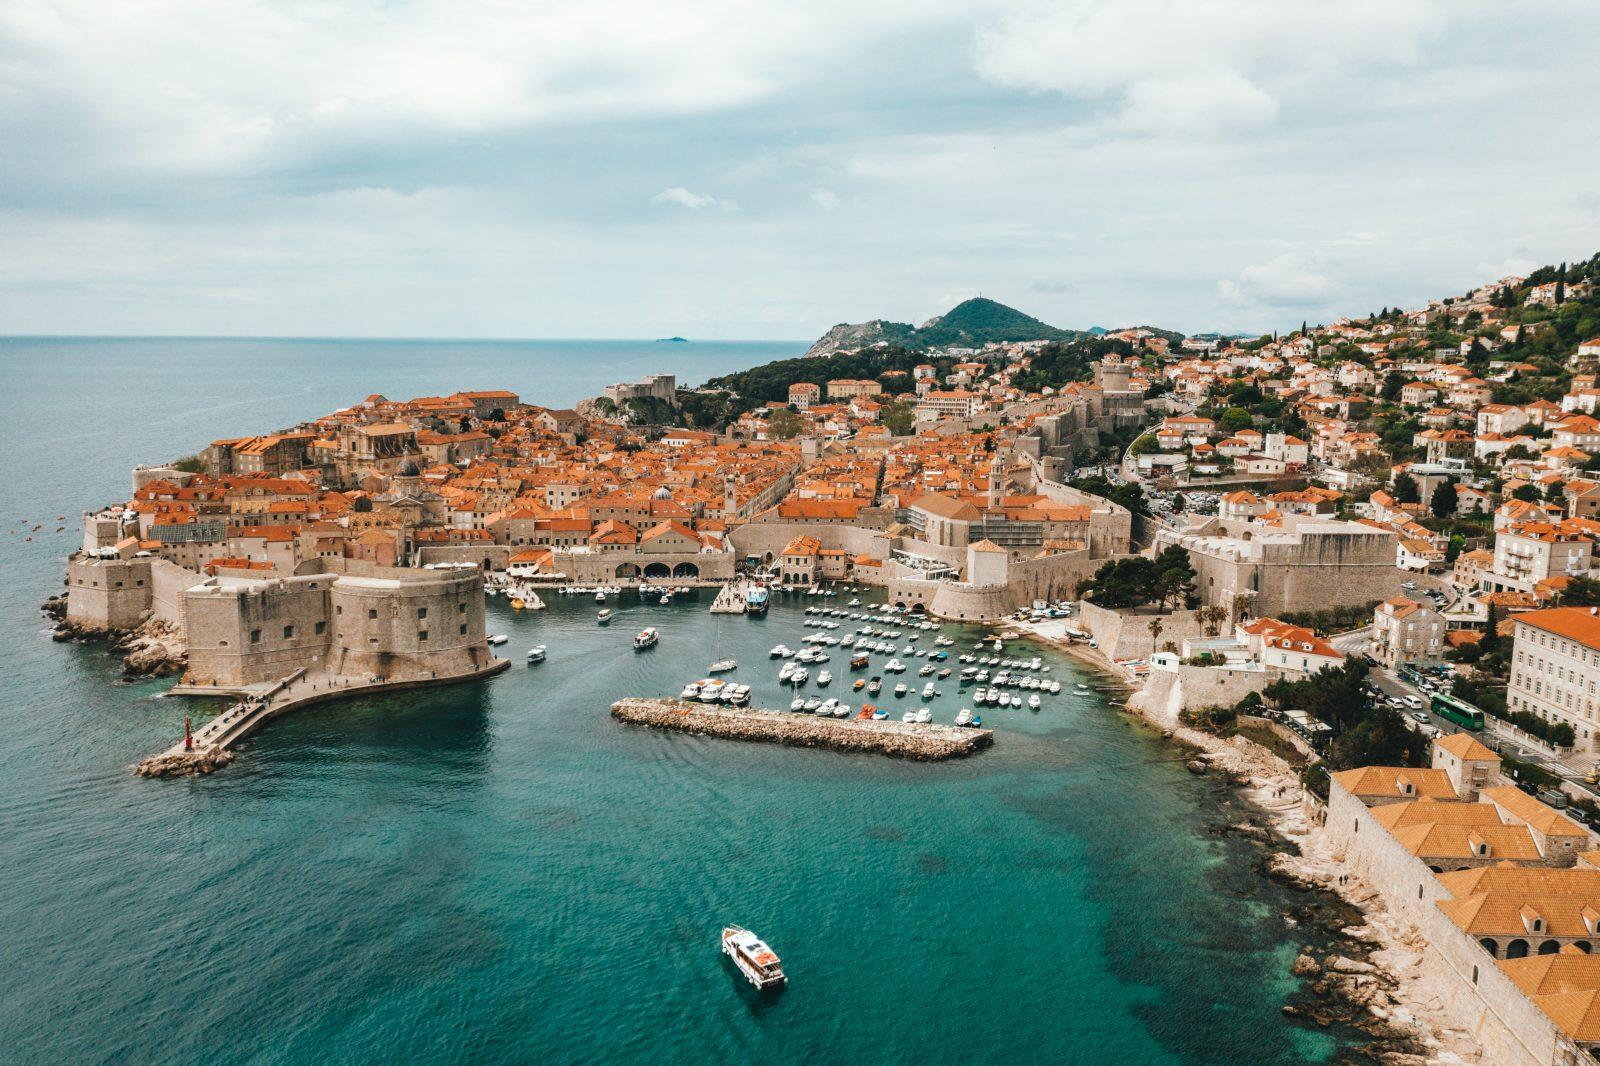 Hrvatska, primorje, stari grad, putovanja